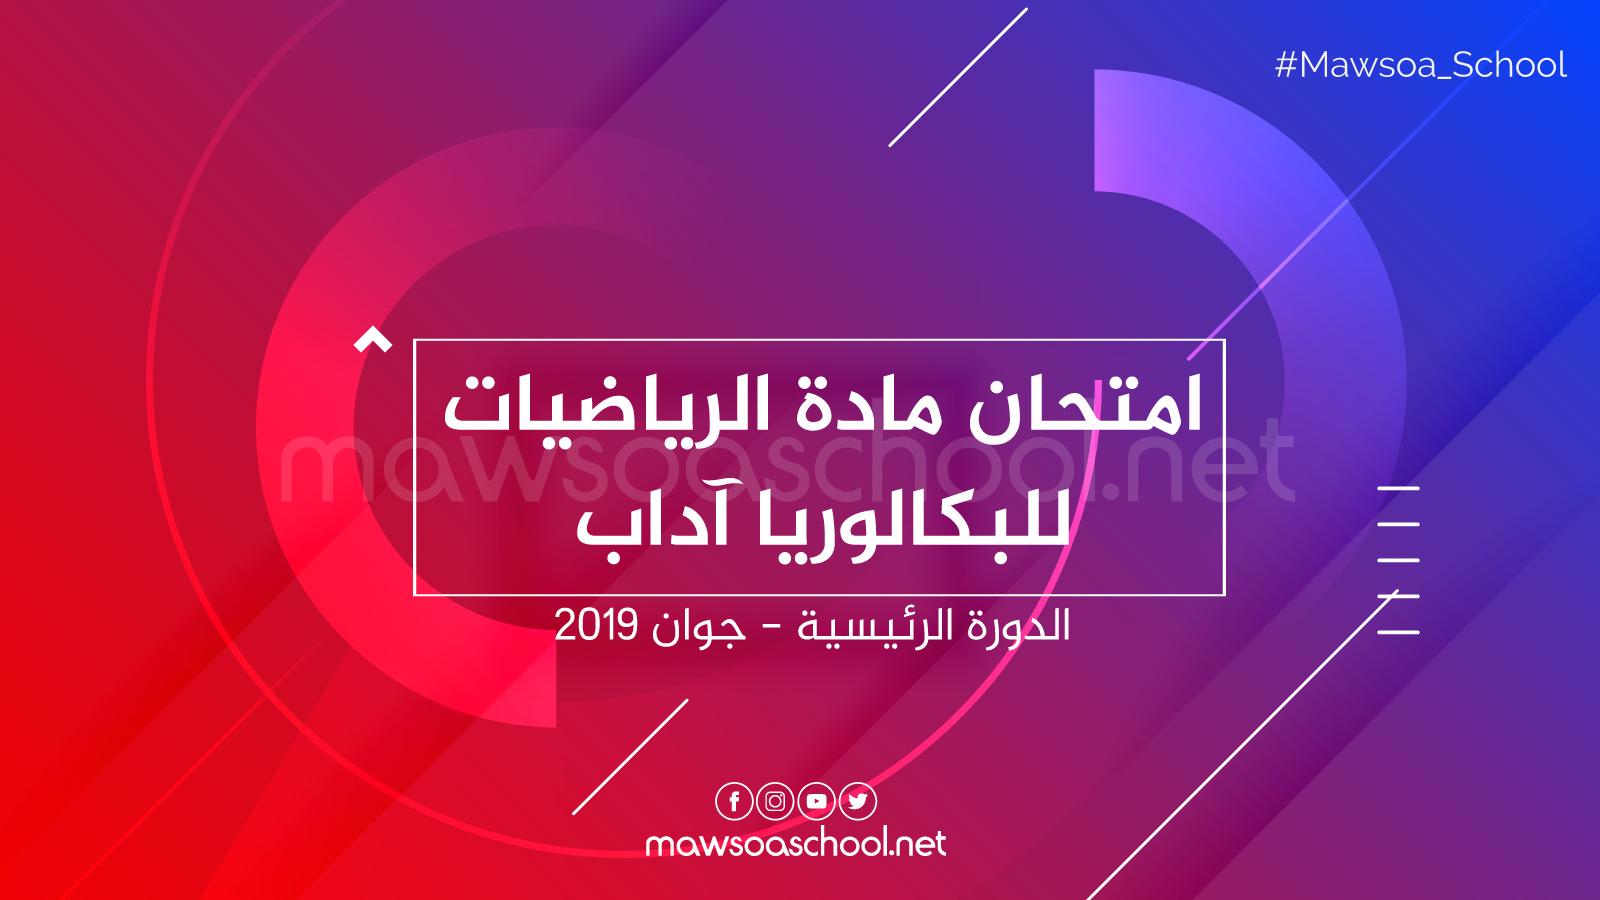 امتحان اللغة مادة الرياضيات للبكالوريا آداب - الدورة الرئيسية جوان 2019